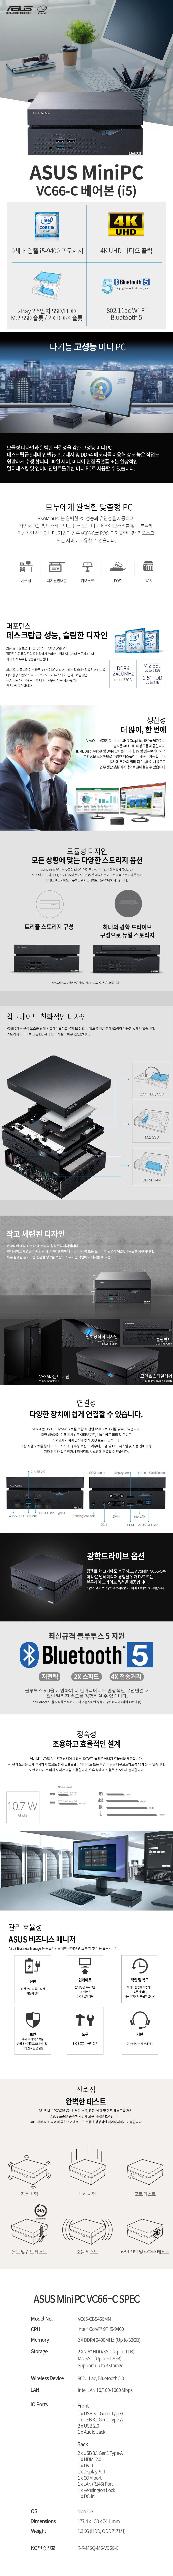 ASUS VivoMini VC66-C i5-9400 M2 (32GB, M2 512GB)